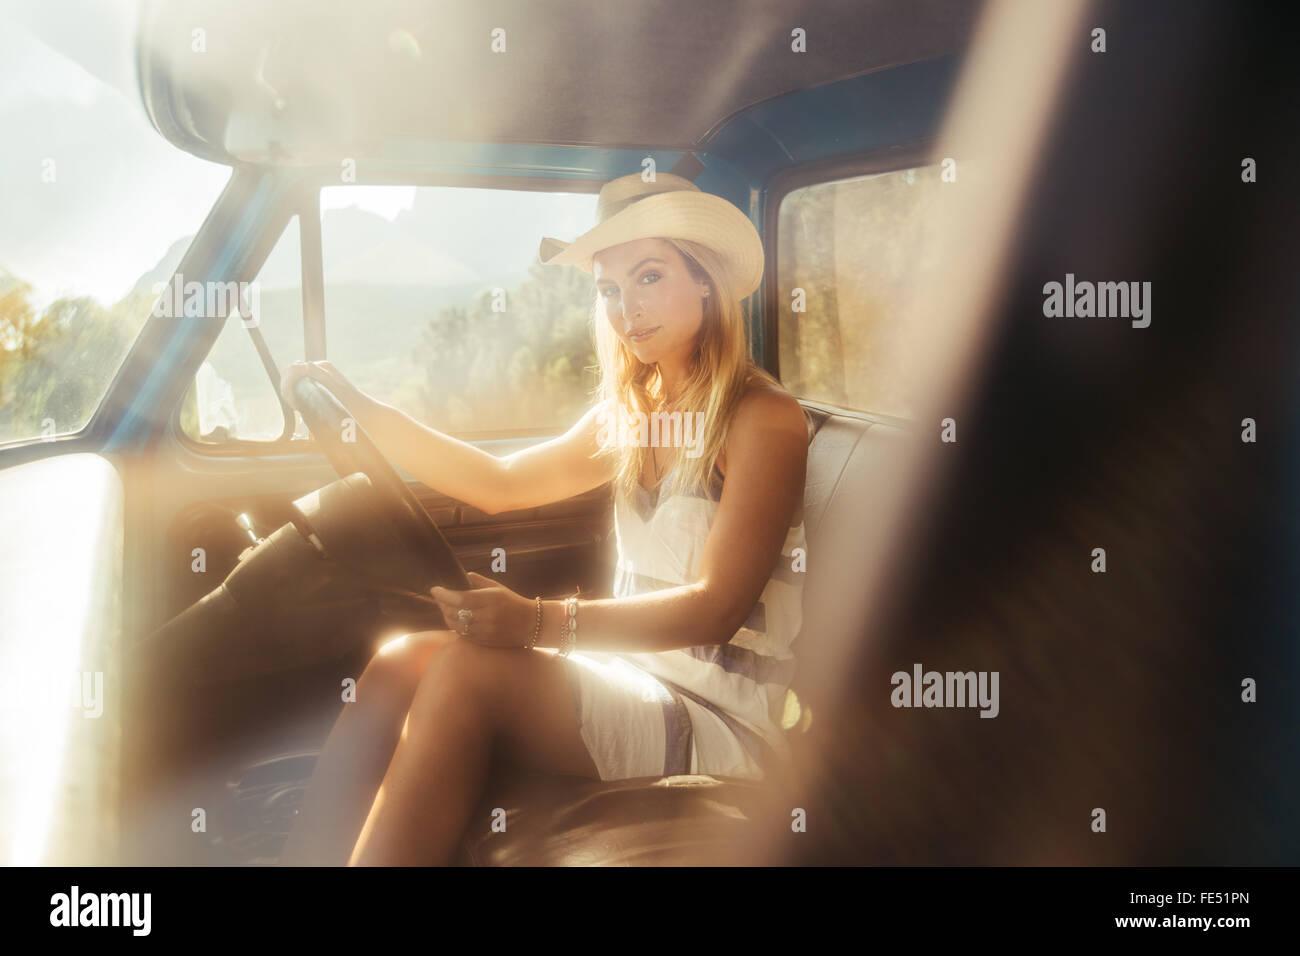 Retrato de un atractivo joven llevando un gorro, conducir un coche en día soleado Imagen De Stock